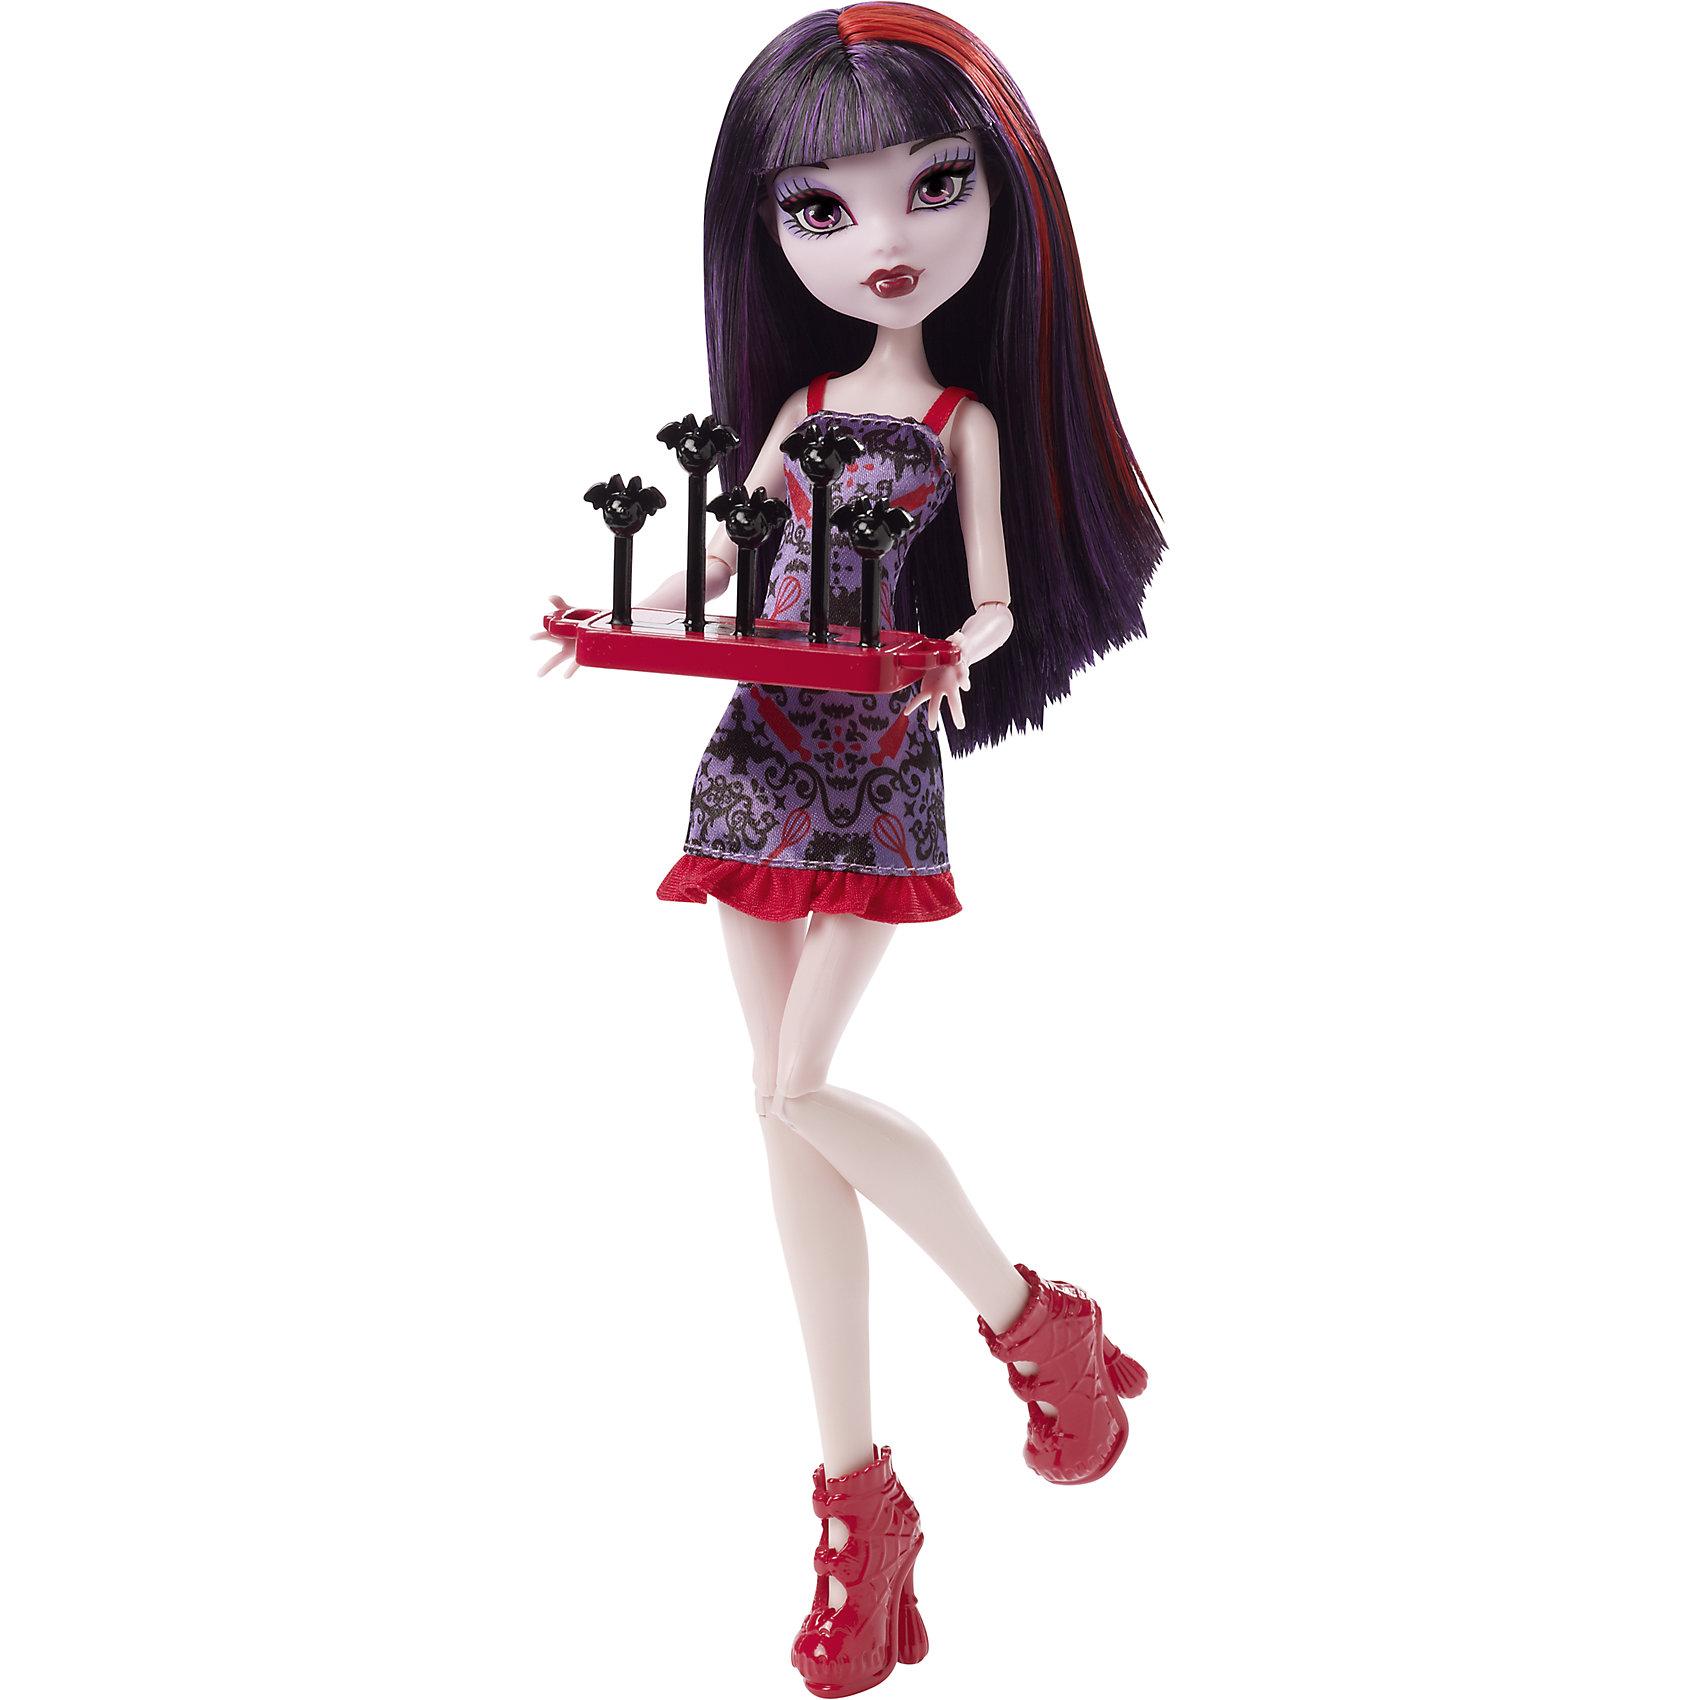 Кукла Элиссабэт Школьная ярмарка, Monster HighУзнав, что школьный бал могут отменить, ученики Monster High (Монстер хай) отправились собирать средства для его проведения - ведь шоу должно продолжаться! Красавица-Элиссабэт продает милые леденцы в виде летучих мышек. Куколка одета в очаровательное обтягивающее платья с кокетливой оборкой, на ногах - высокие розовые ботильоны в тон яркой пряди в волосах.  Девочки смогут разыграть любимые сцены из веб-сериала или придумать свои новые истории. Собери всех кукол серии и устрой веселую ярмарку! <br><br>Дополнительная информация:<br><br>- Высота куклы: 27 см.<br>- Голова, ноги, руки подвижные (шарнирные).<br>- Комплектация: кукла, одежда, тематический аксессуар. <br>- Материал: пластик, текстиль.<br><br>Куклу Элиссабэт Школьная ярмарка, Monster High (Школа монстров), можно купить в нашем магазине.<br><br>Ширина мм: 325<br>Глубина мм: 125<br>Высота мм: 65<br>Вес г: 290<br>Возраст от месяцев: 72<br>Возраст до месяцев: 144<br>Пол: Женский<br>Возраст: Детский<br>SKU: 4284597